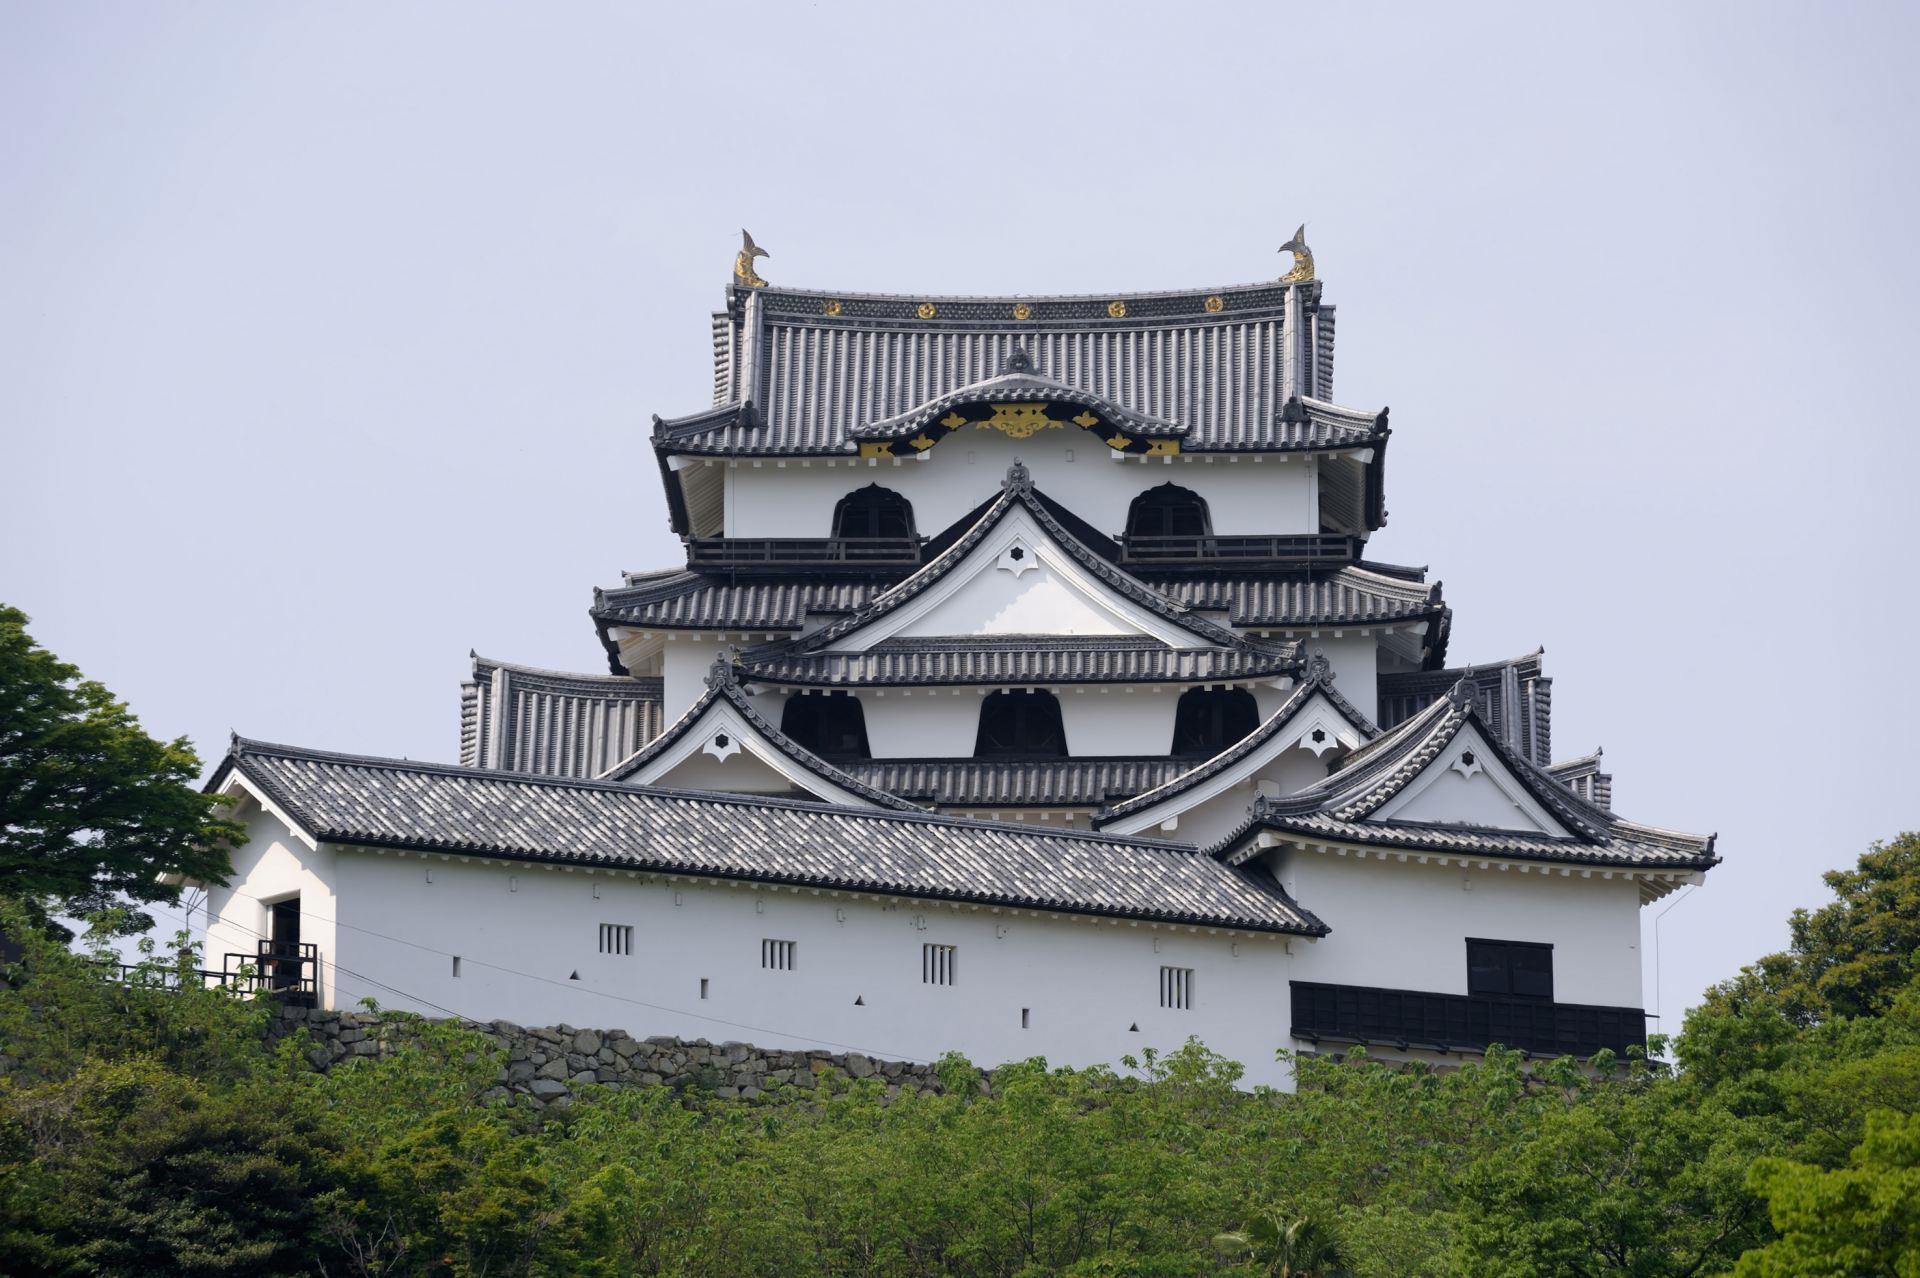 彦根城(滋贺县)、国宝